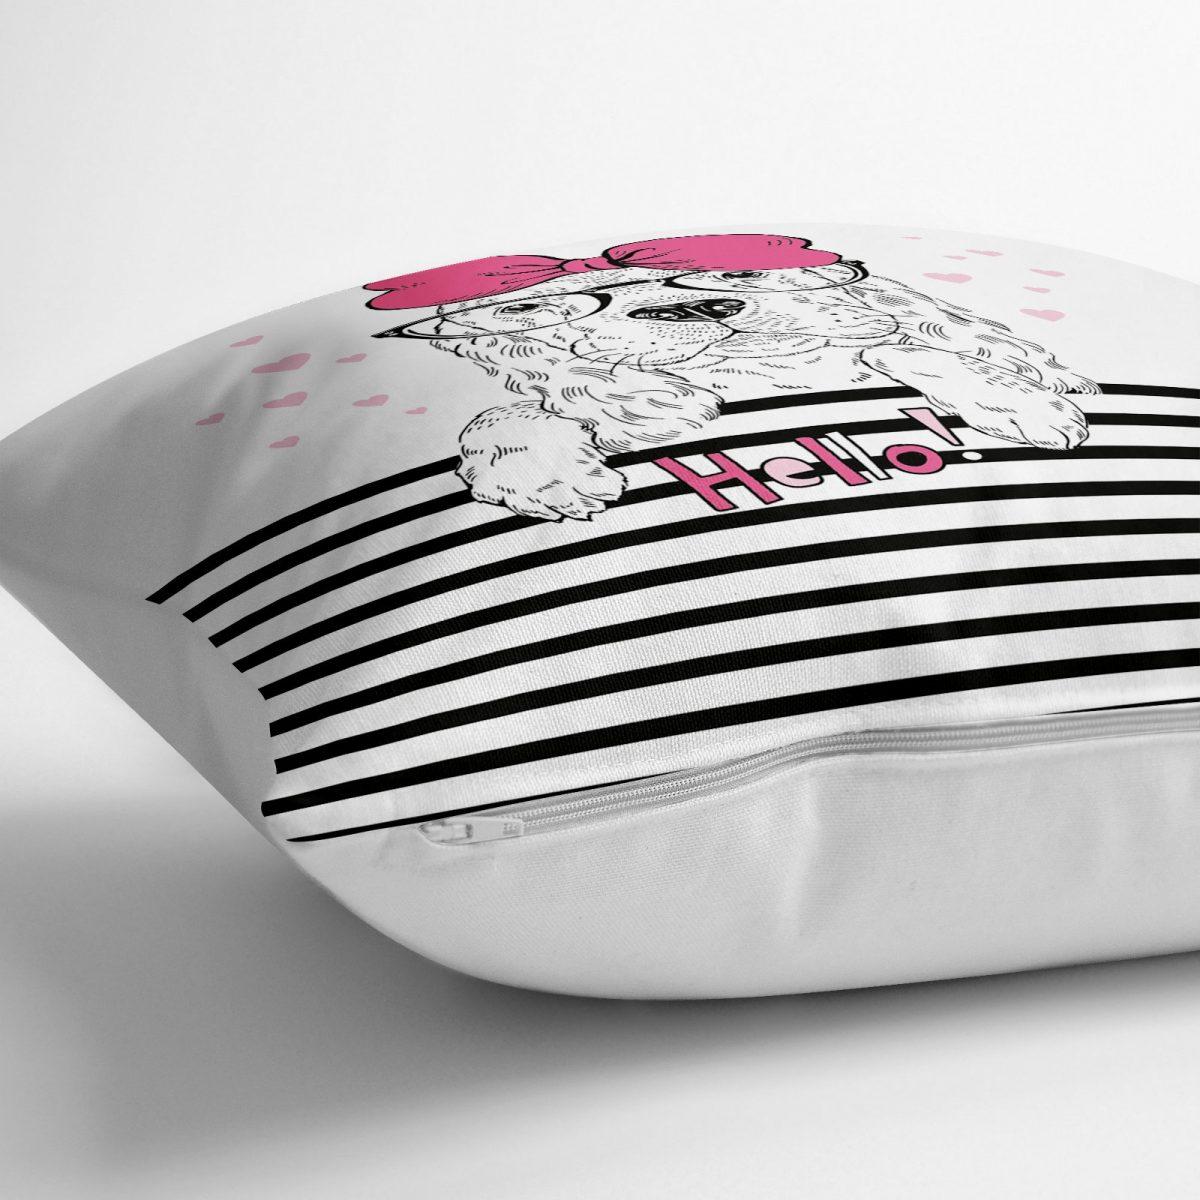 Zebra Desenli Dijital Baskılı Dekoratif Yer Minderi - 70 x 70 cm Realhomes